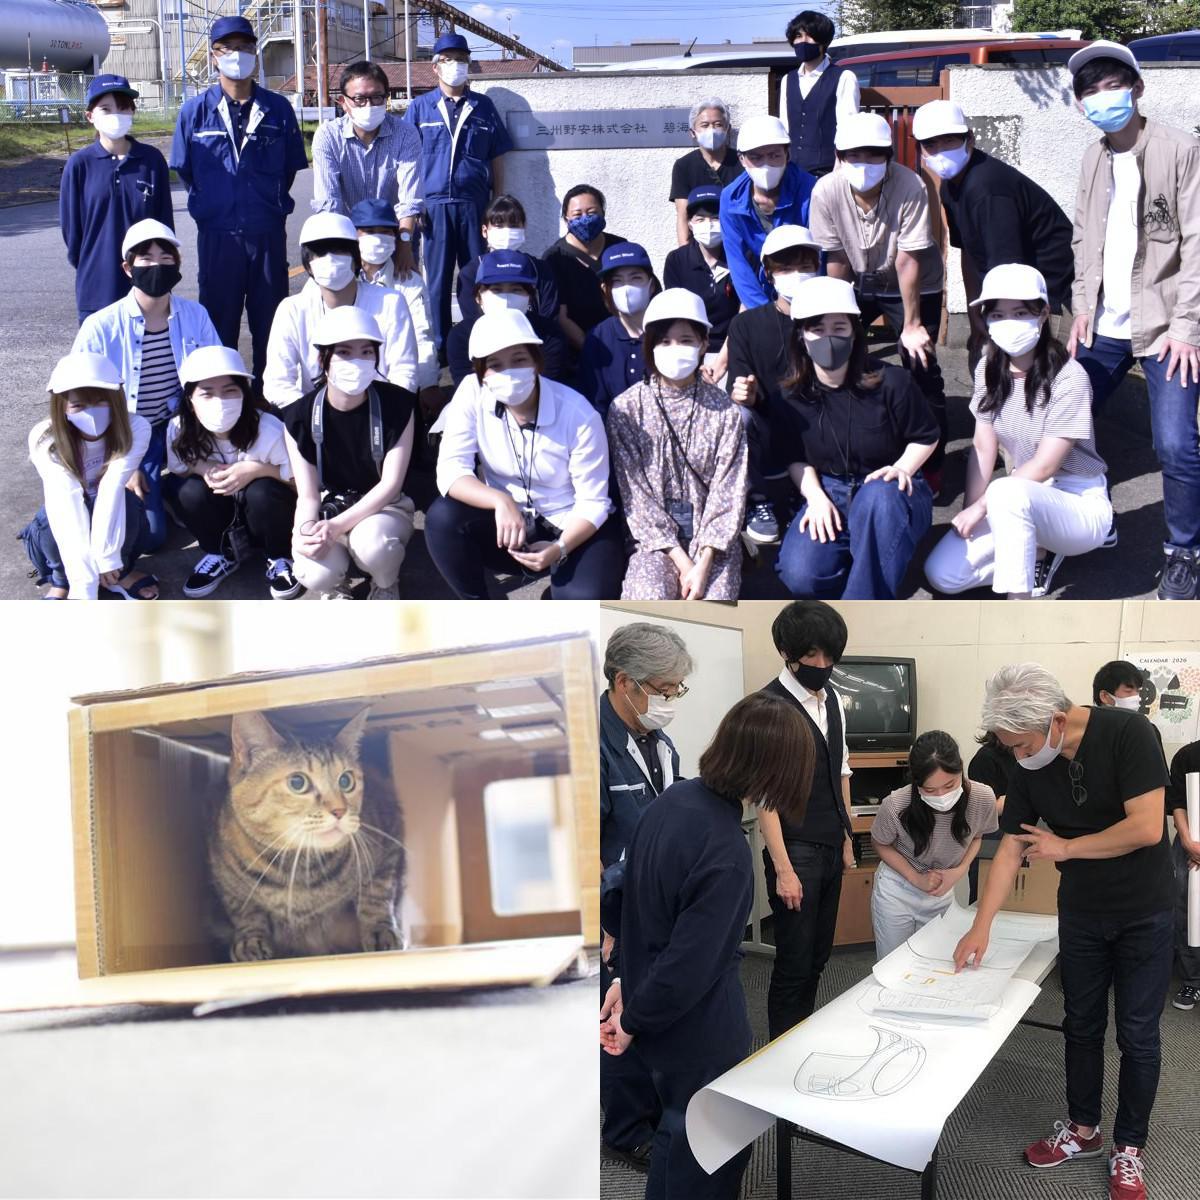 瓦猫プロジェクトの様子